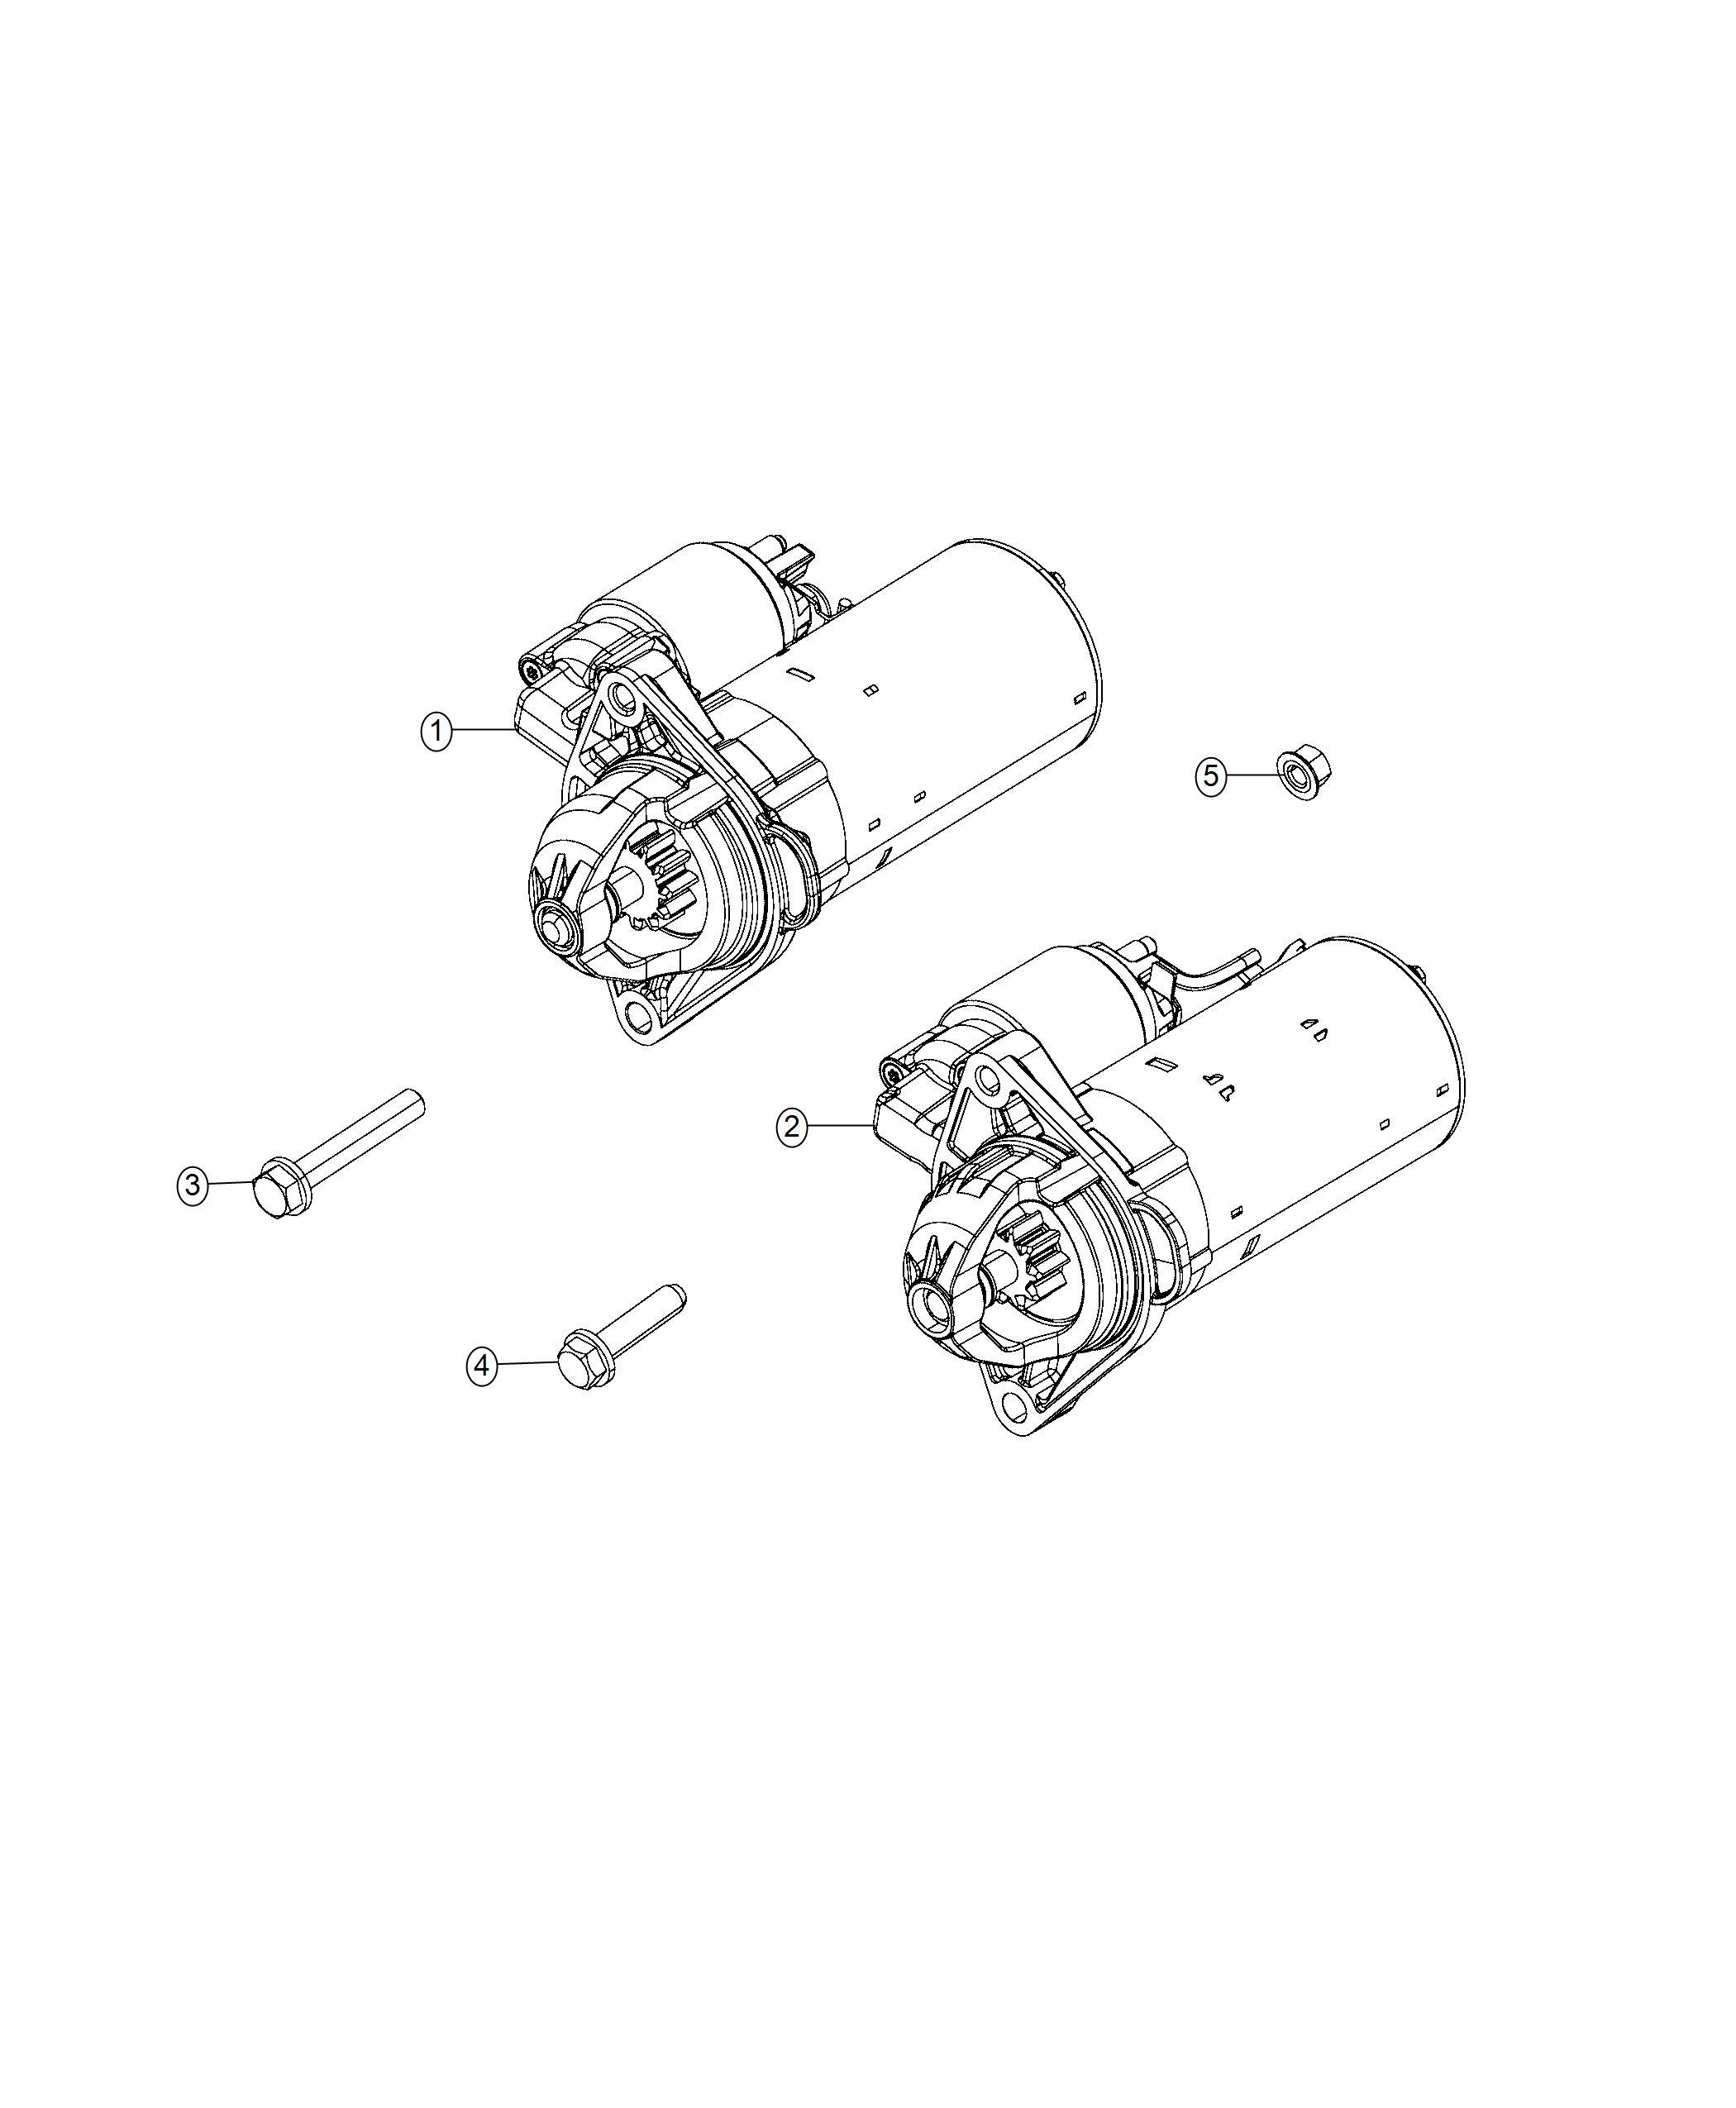 Ram Starter Engine Remanufactured